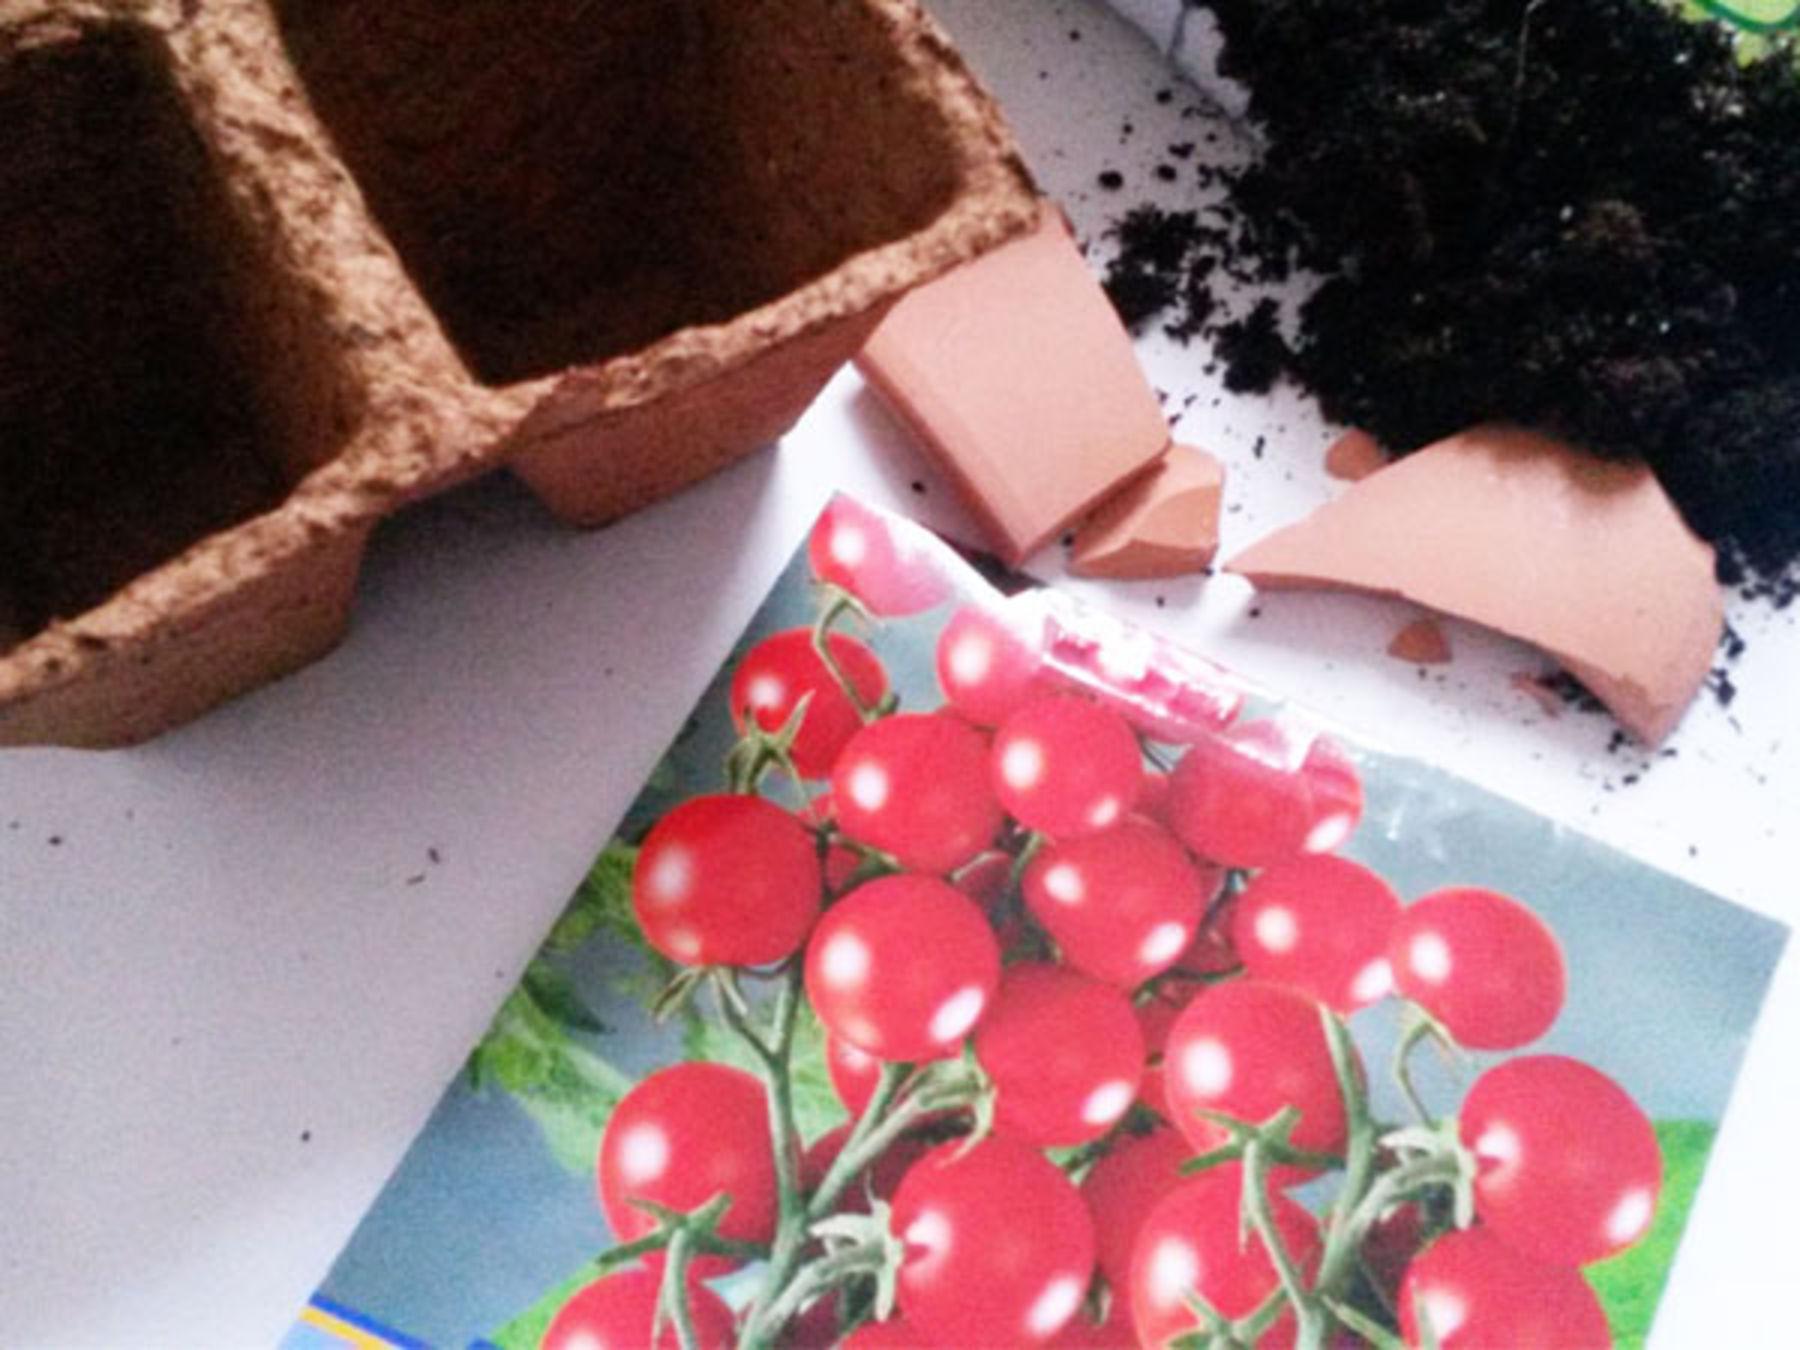 dein garten auf der fensterbank tomaten vorziehen koleo umwelt und naturschutz f r kinder. Black Bedroom Furniture Sets. Home Design Ideas